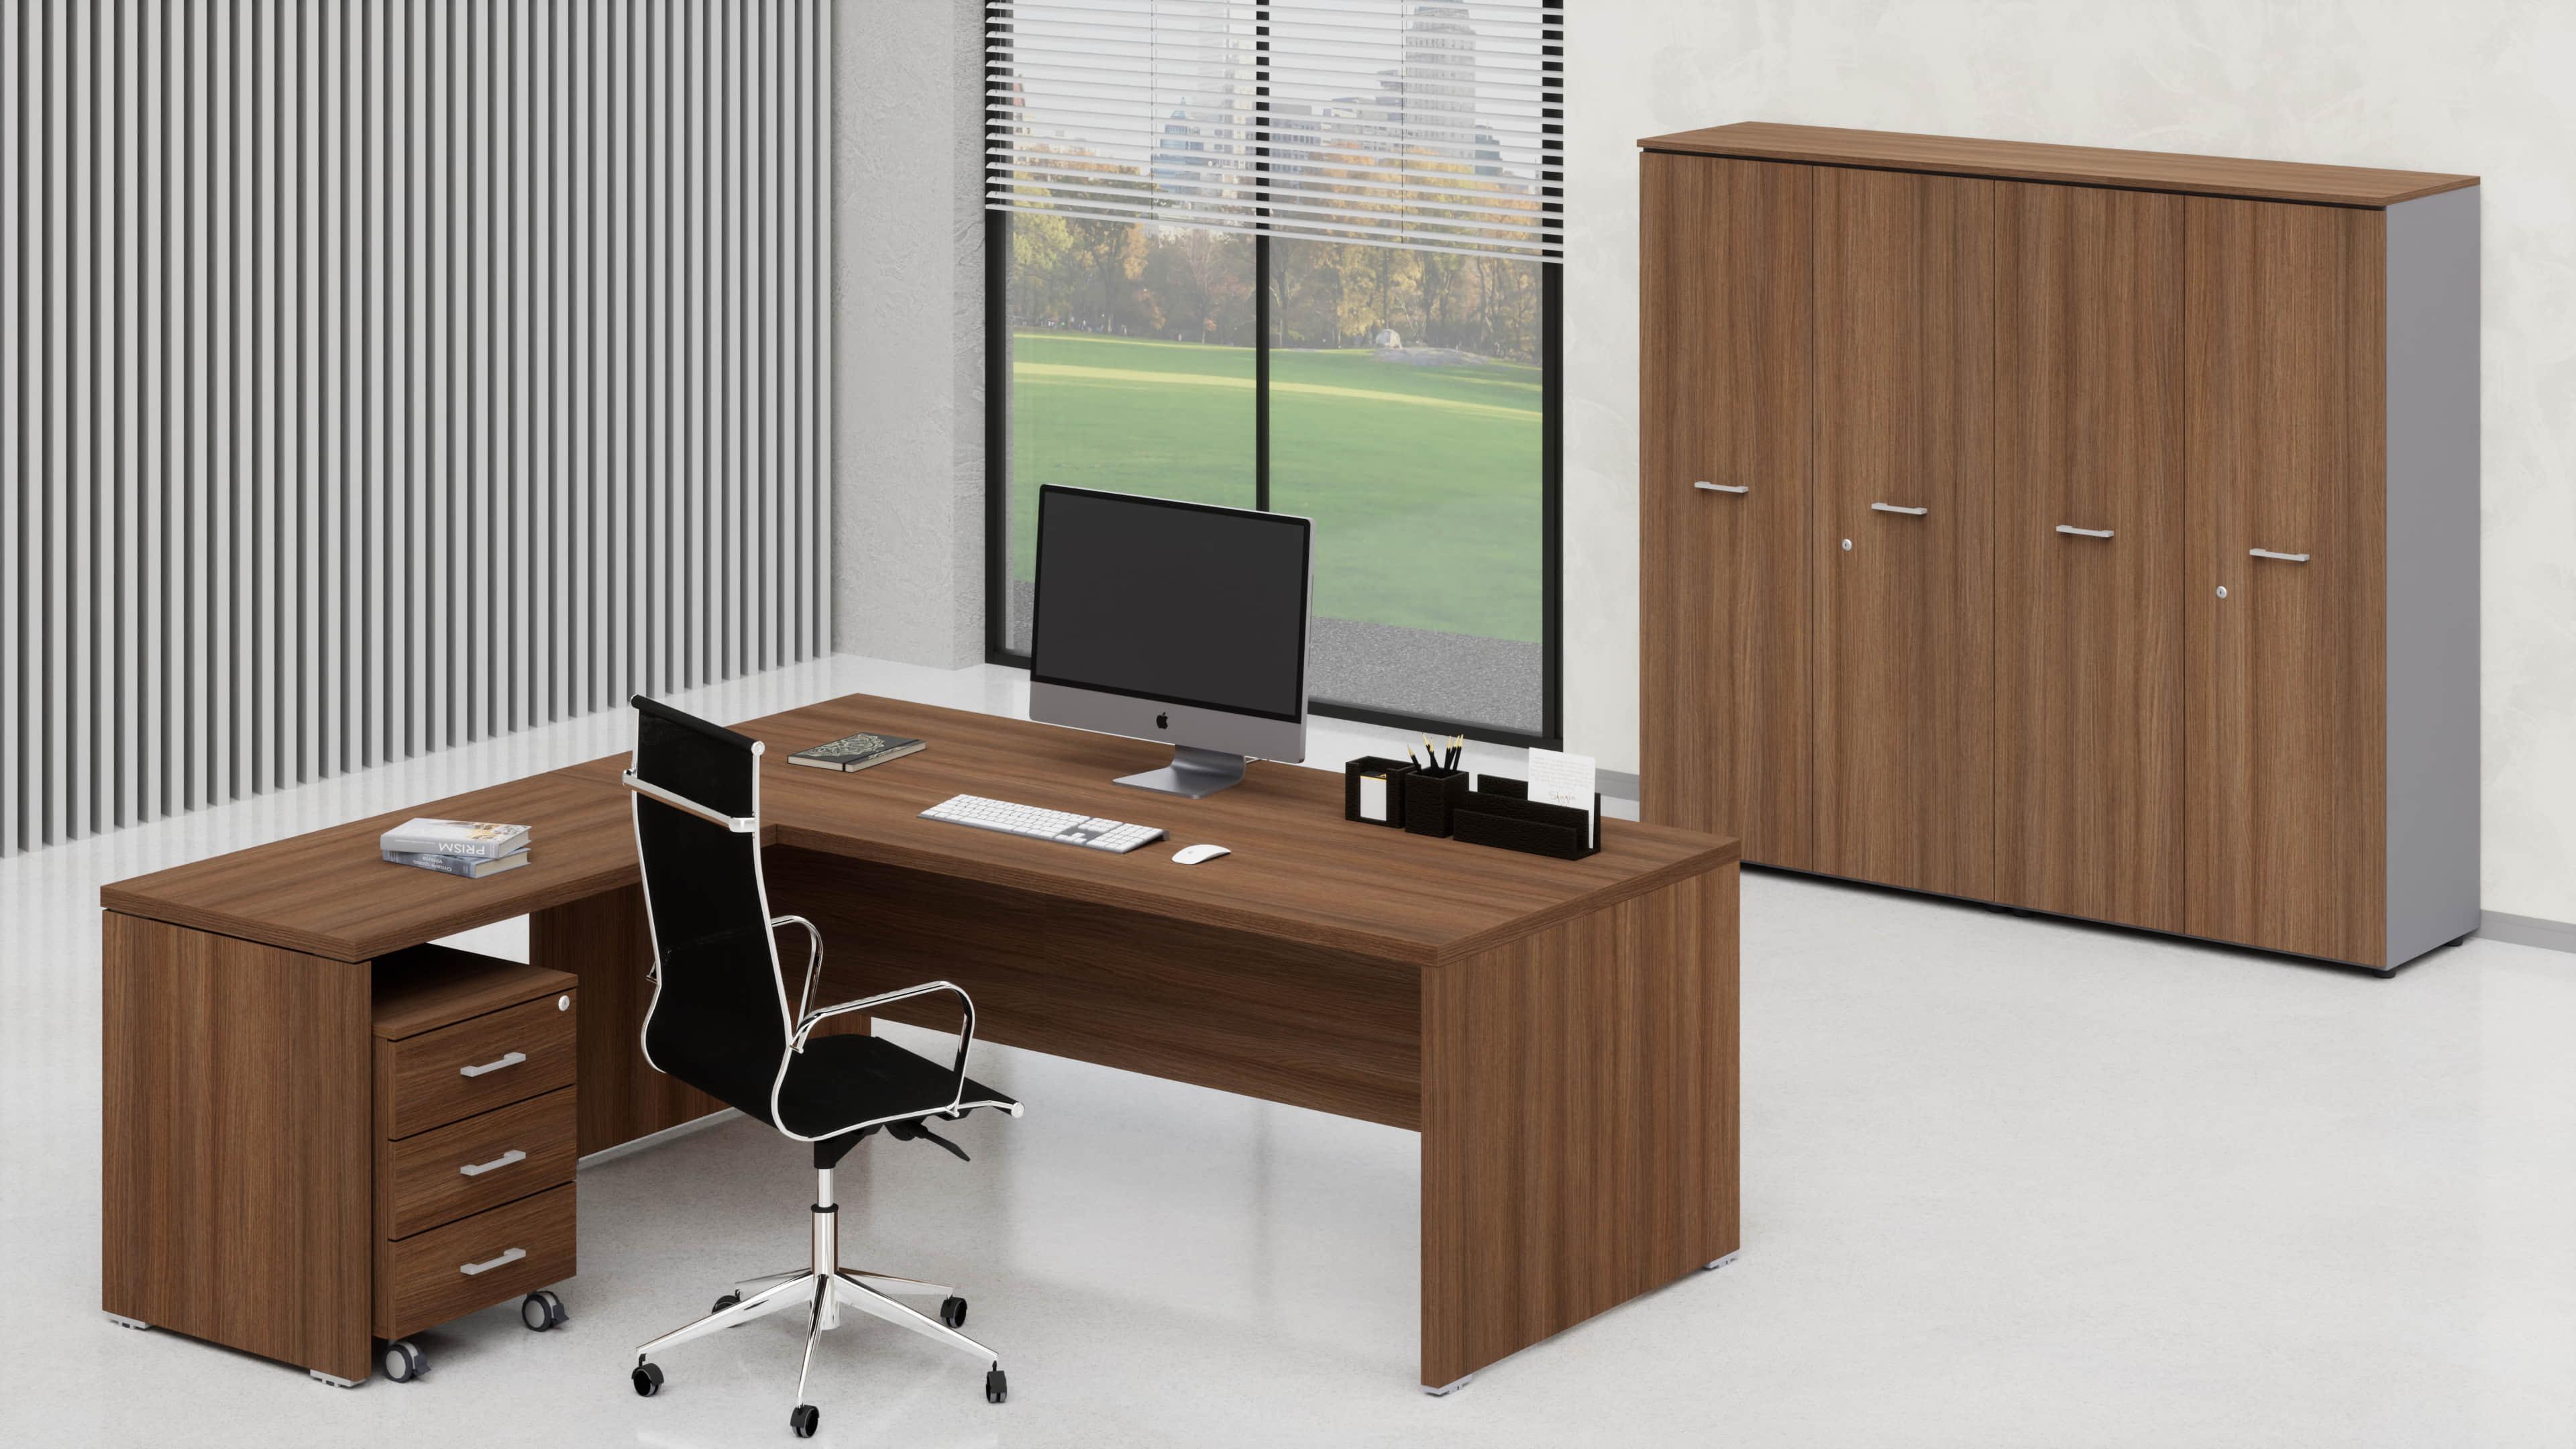 Uffici direzionali BETA scrivania, allungo, cassettiera e contenitori universali medi